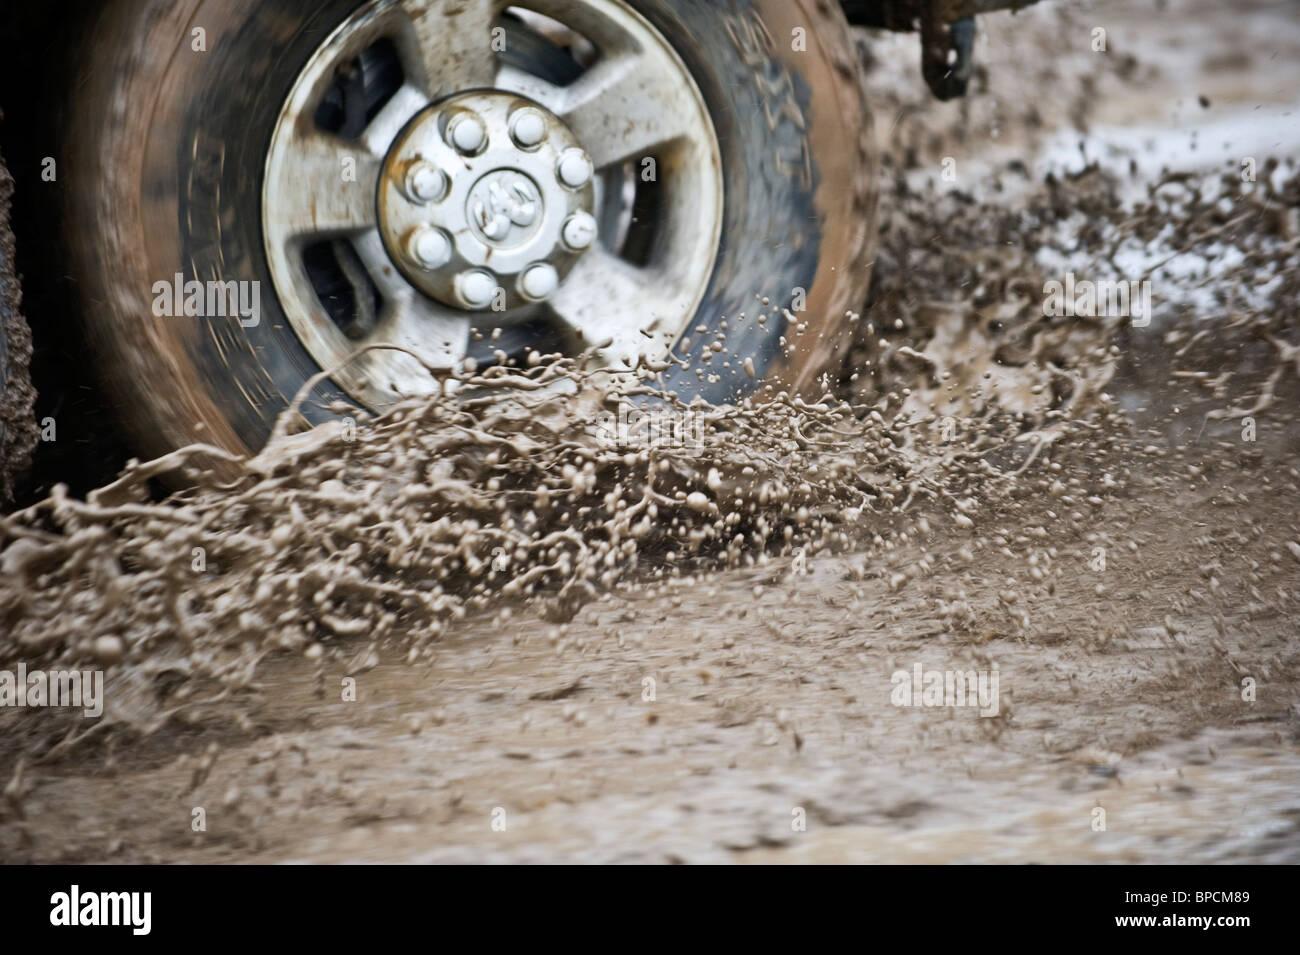 Ein Bild von einem Lkw Rad und Reifen drehen durch ein Schlammloch. Stockbild